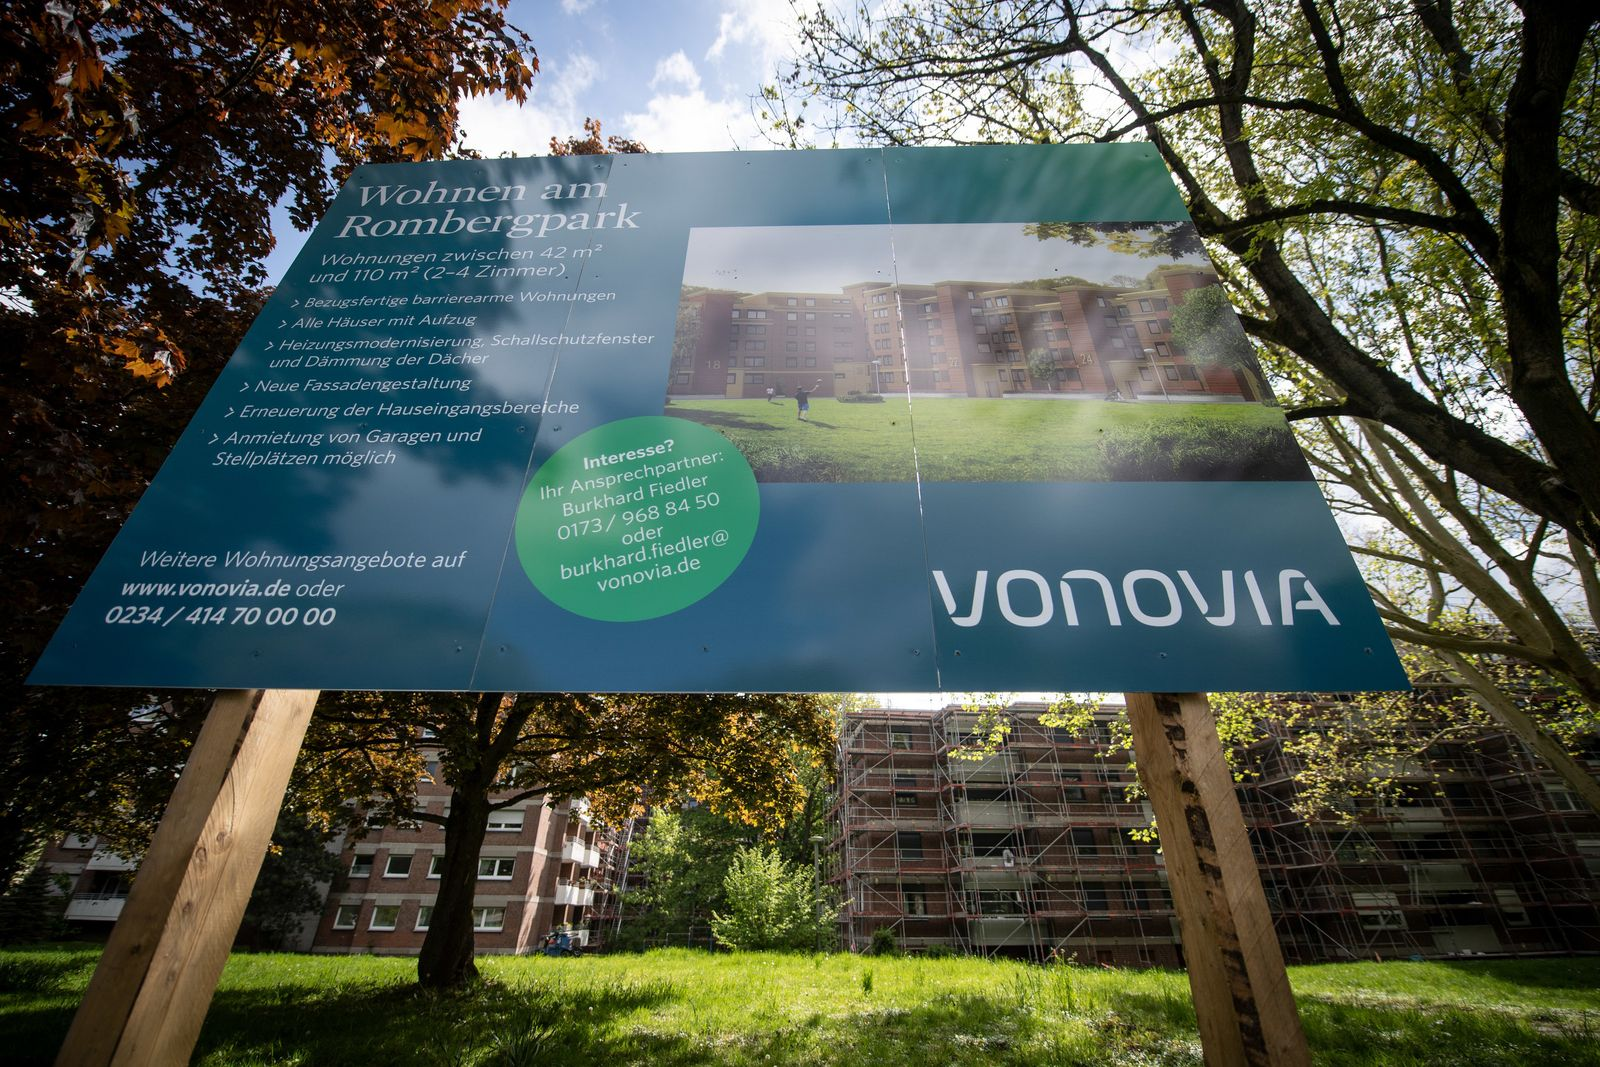 Vonovia Werbeschild